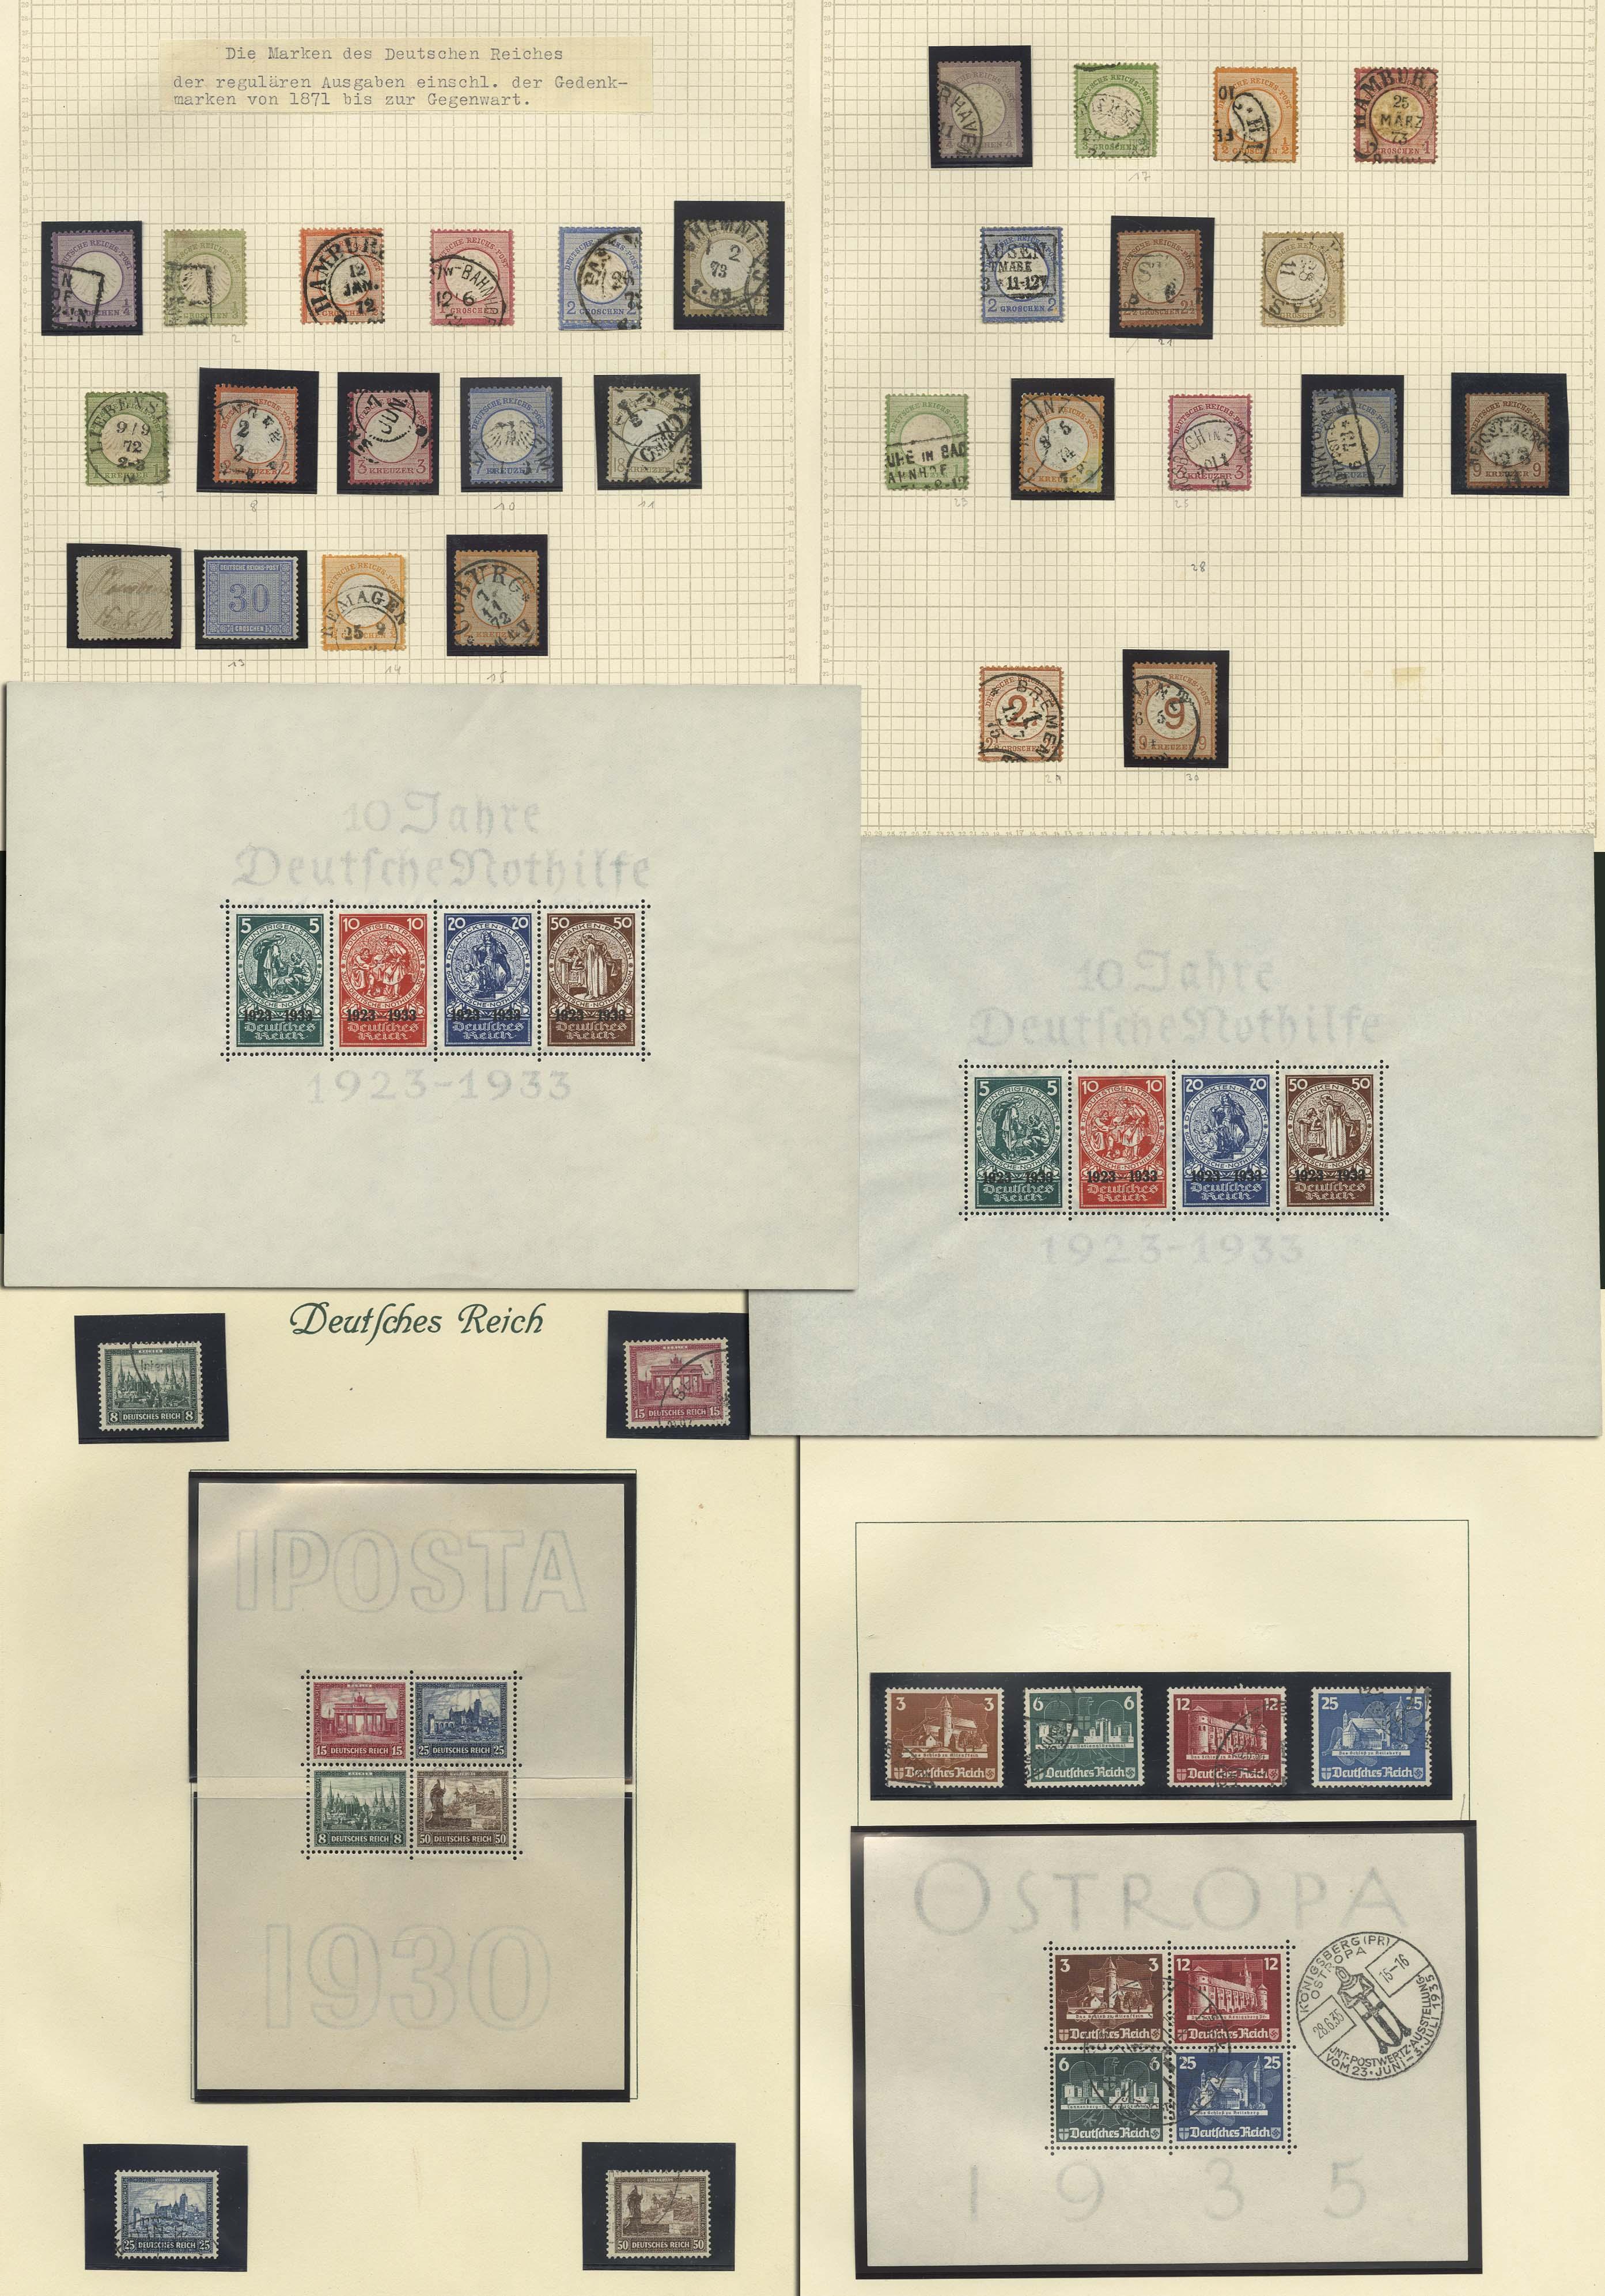 Lot 7100 - Deutsches Reich Allgemein S -  Auktionshaus Ulrich Felzmann GmbH & Co. KG Auction 169